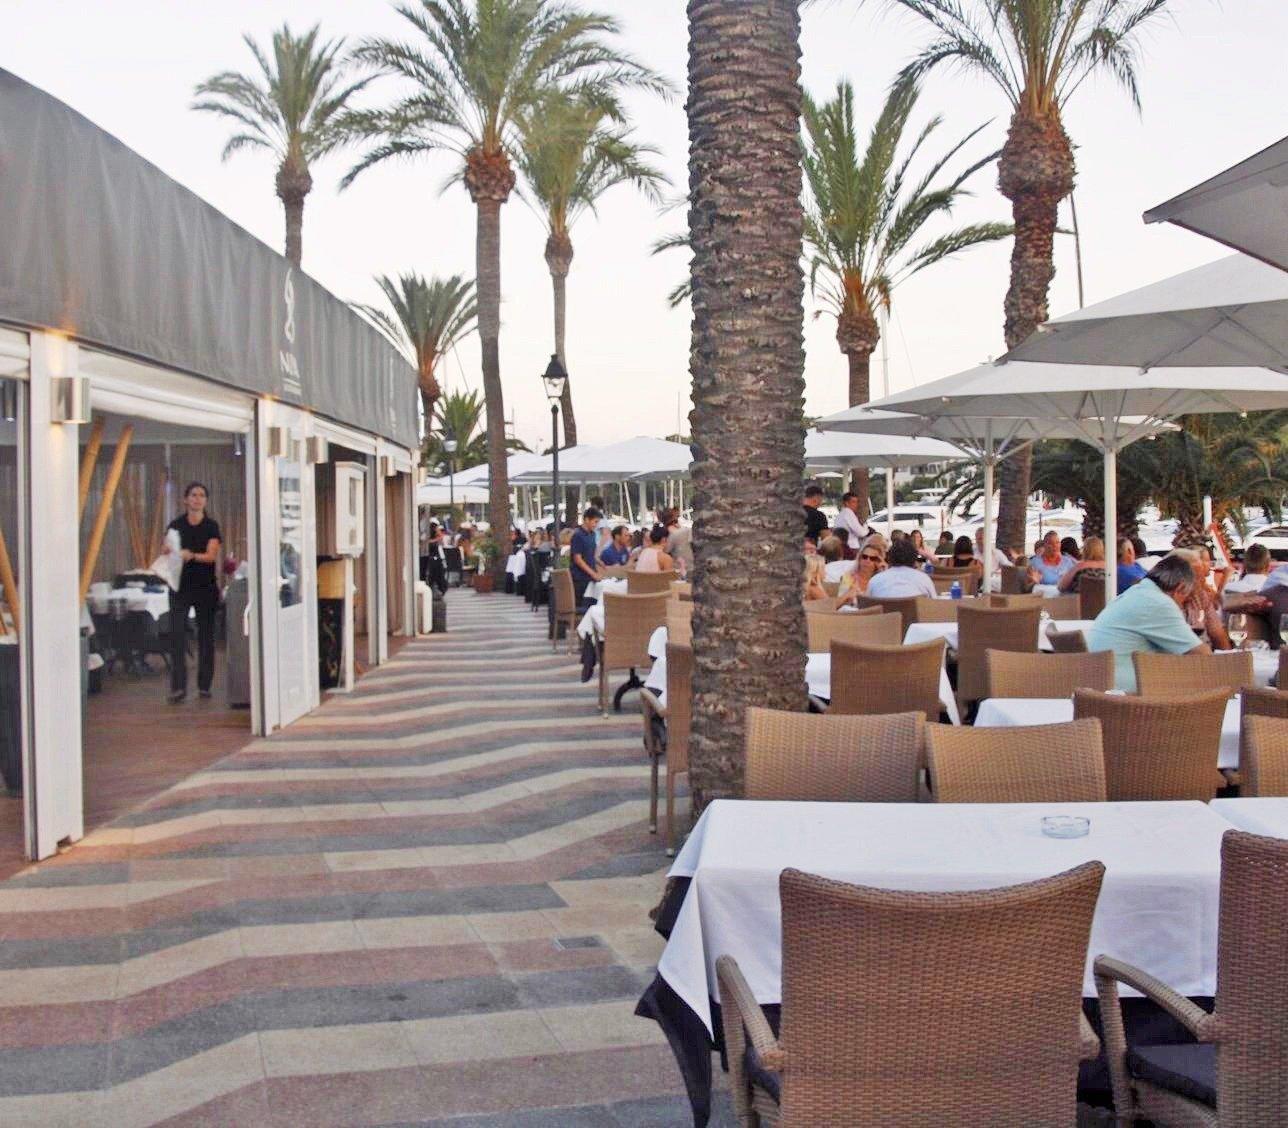 Venta de restaurante en cala d or - imagenInmueble0